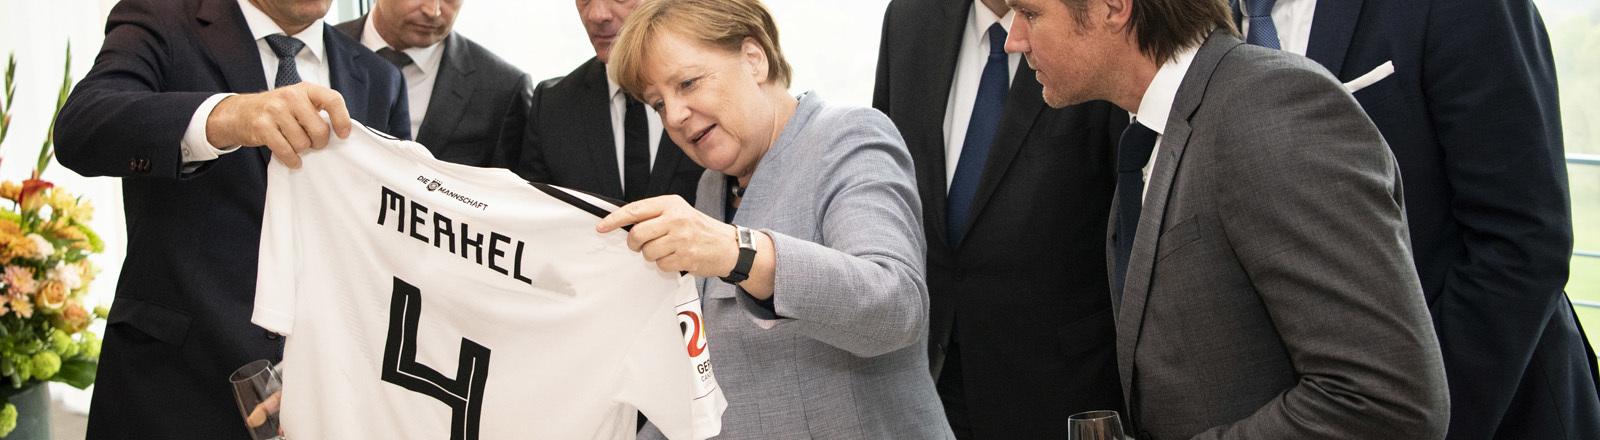 Angela Merkel mit einem Fußballtrikot der Nationalmannschaft, auf dem ihr Name steht